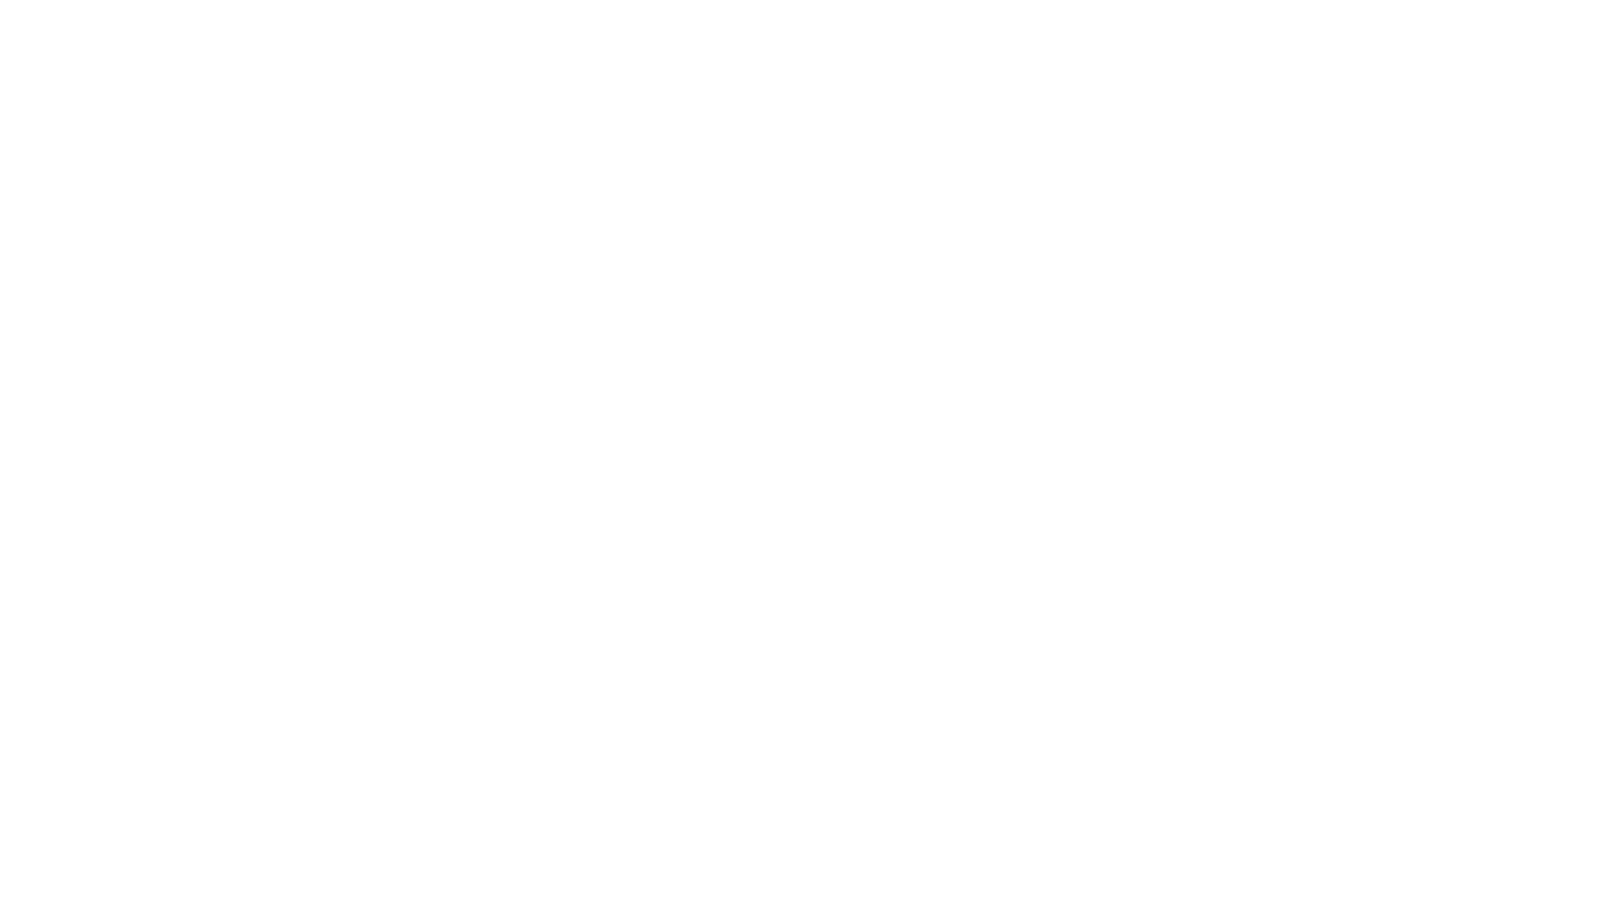 """Ар бир улуттун жашоо, жаратылыш, мүнөзүнө, дүйнө таанымына,рухий байлыгына жараша элдик кол өнөрчүлүк да ар түрдүү болот. Мына ушундай кол өнөрчүлүктө улуттук колоритти жаратып, учур талабына жараша эл аралык деңгээлде өркүндөткөн Ош облусунун Алай районунун кол өнөрчүлөрү бар.""""Узчулук деле укумдан-тукумга, кандан-канга өткөн өнөр болушу керек, кол өнөрчүлүктүн түрүн кийинки муунга үйрөтүүнү максат кылганбыз"""" дешет кол өнөрчүлөр. Көп кырдуу талант ээлери, колунан көөрү төгүлгөн уз чебер, өнөрпоздордун эмгеги, кол өнөрчүлуктун сырлары бүгүнкү """"Чыгыш берметтери"""" көрсөтүүсүнүн чыгарылышында."""